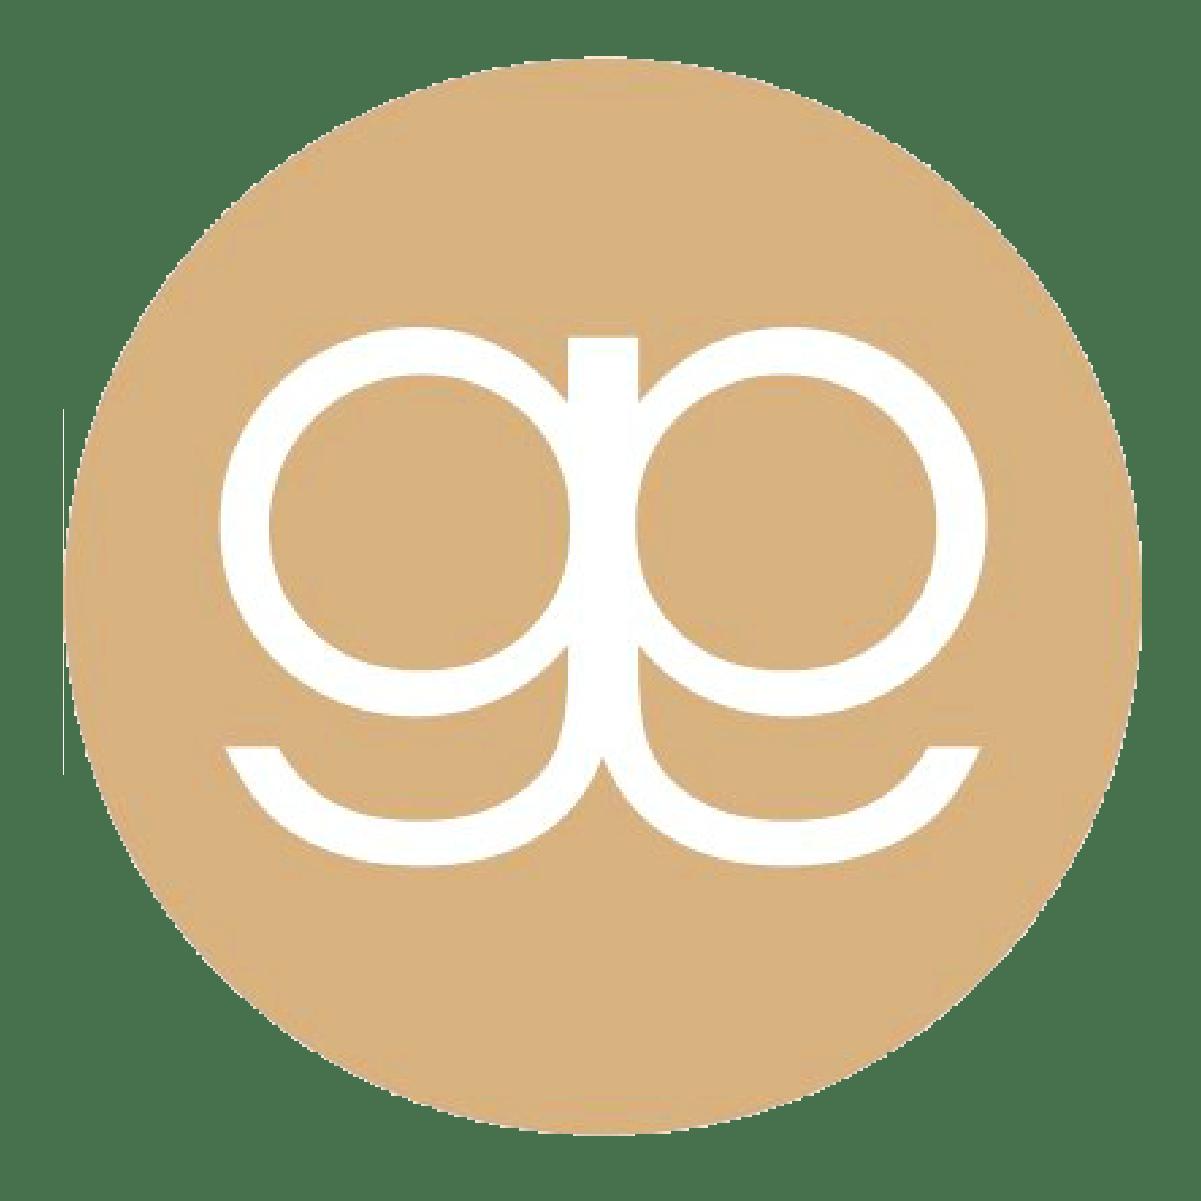 gorjana logo